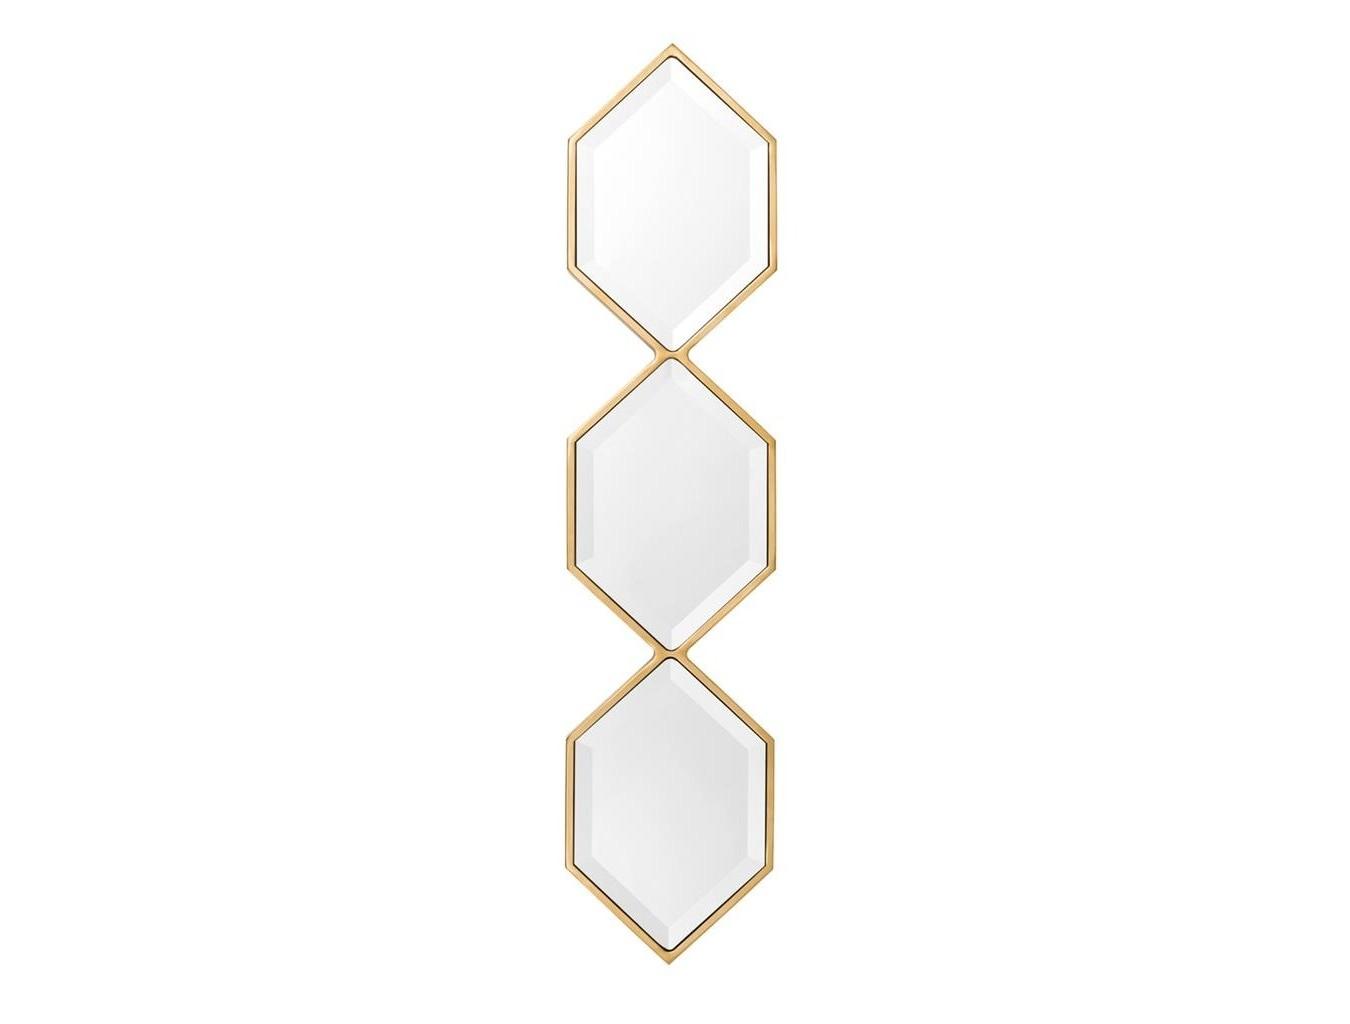 ЗеркалоНастенные зеркала<br>Зеркало Mirror Saronno с оригинальным дизайном. Рамка выполнена из металла золотого цвета.<br><br>Material: Металл<br>Ширина см: 25<br>Высота см: 110